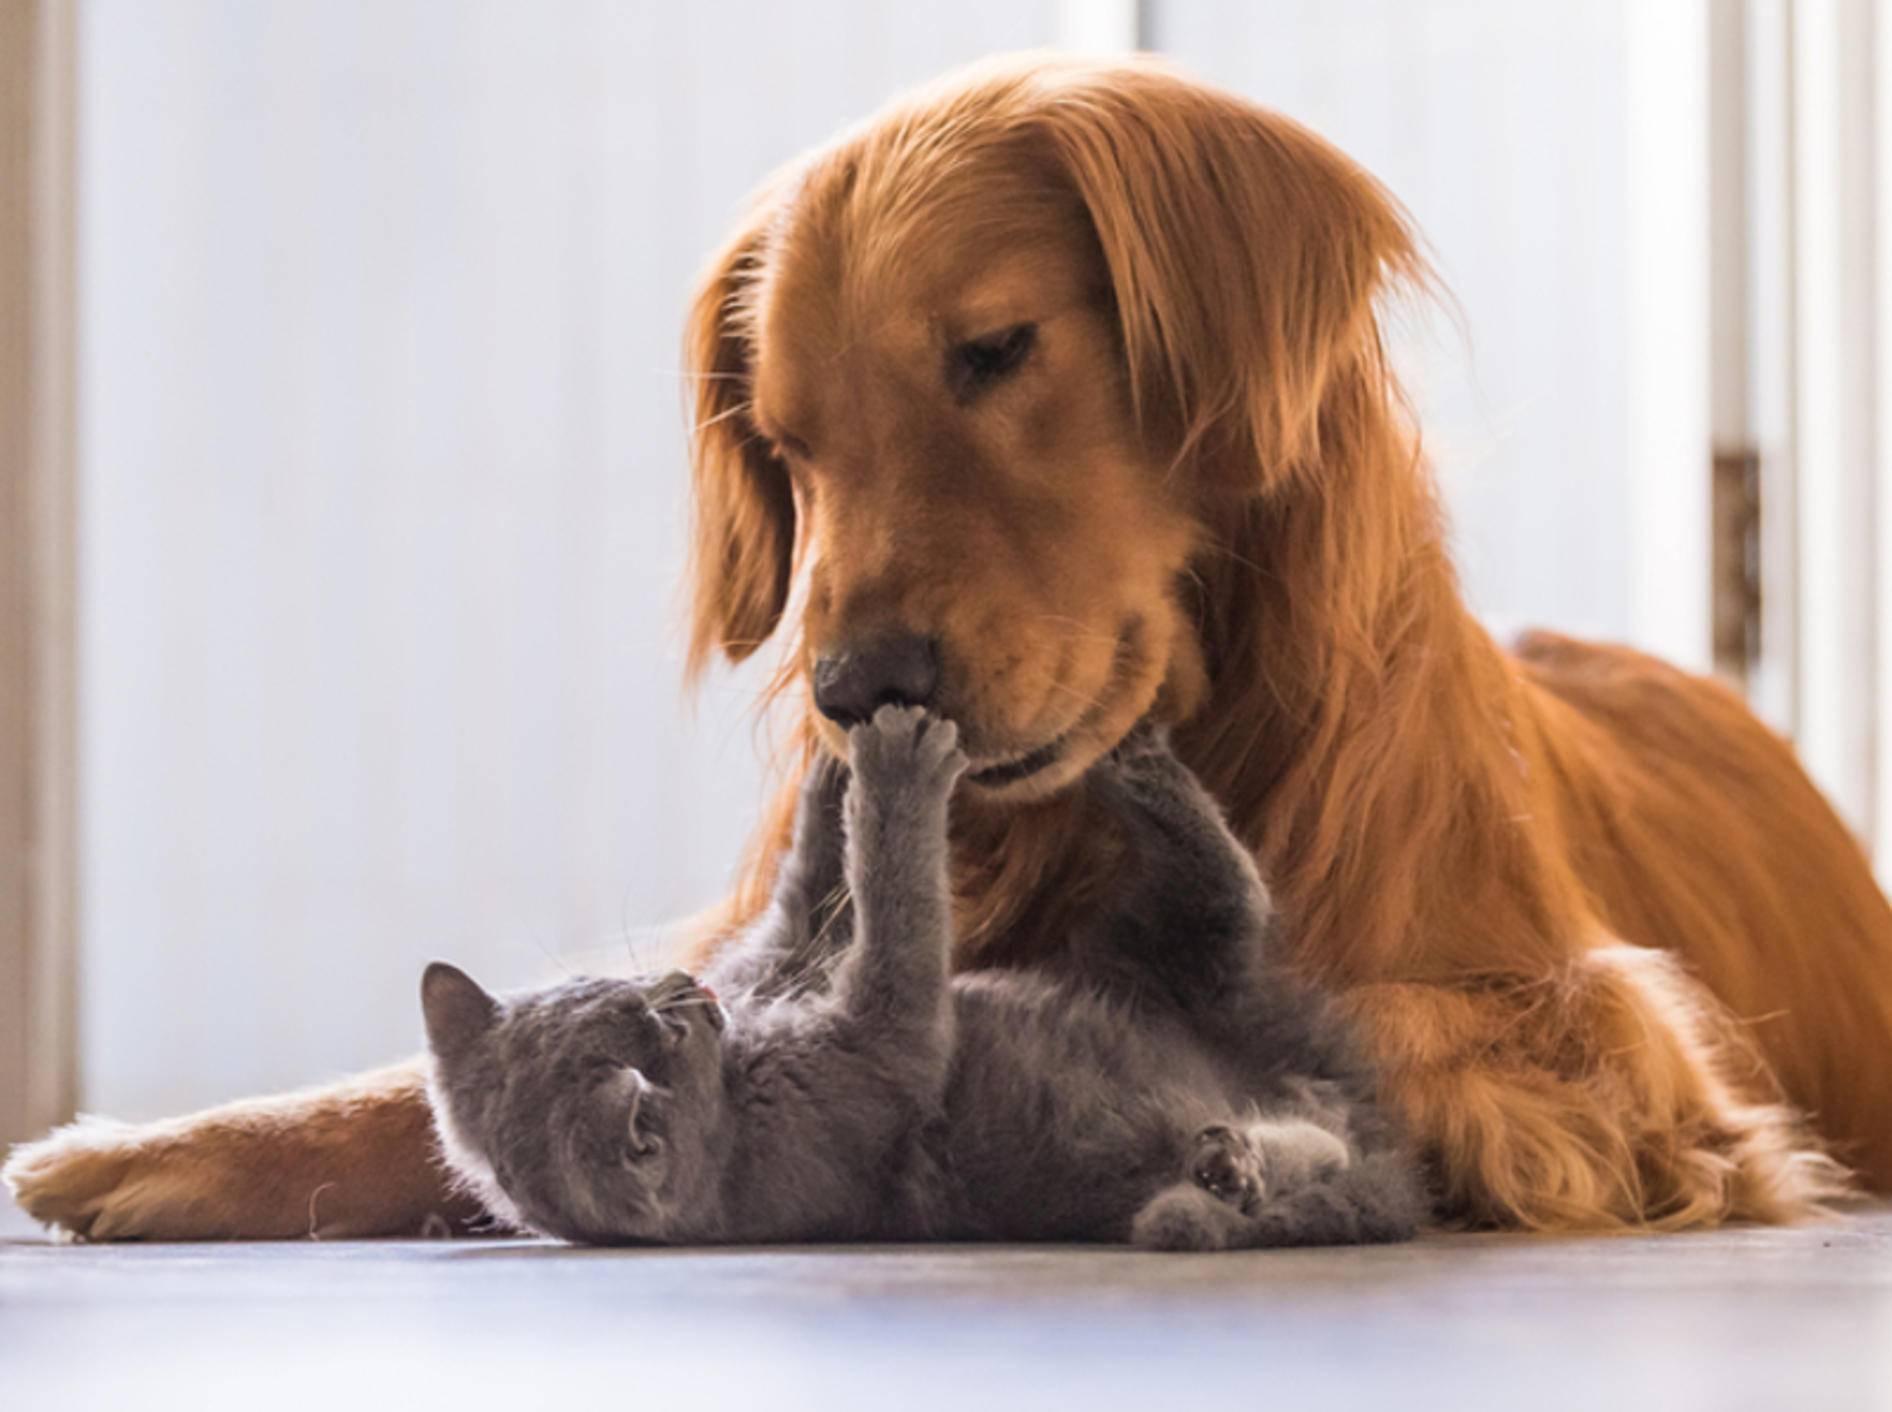 Hund und Katze, ein Unterschied wie Tag und Nacht? – shutterstock / Chendongshan